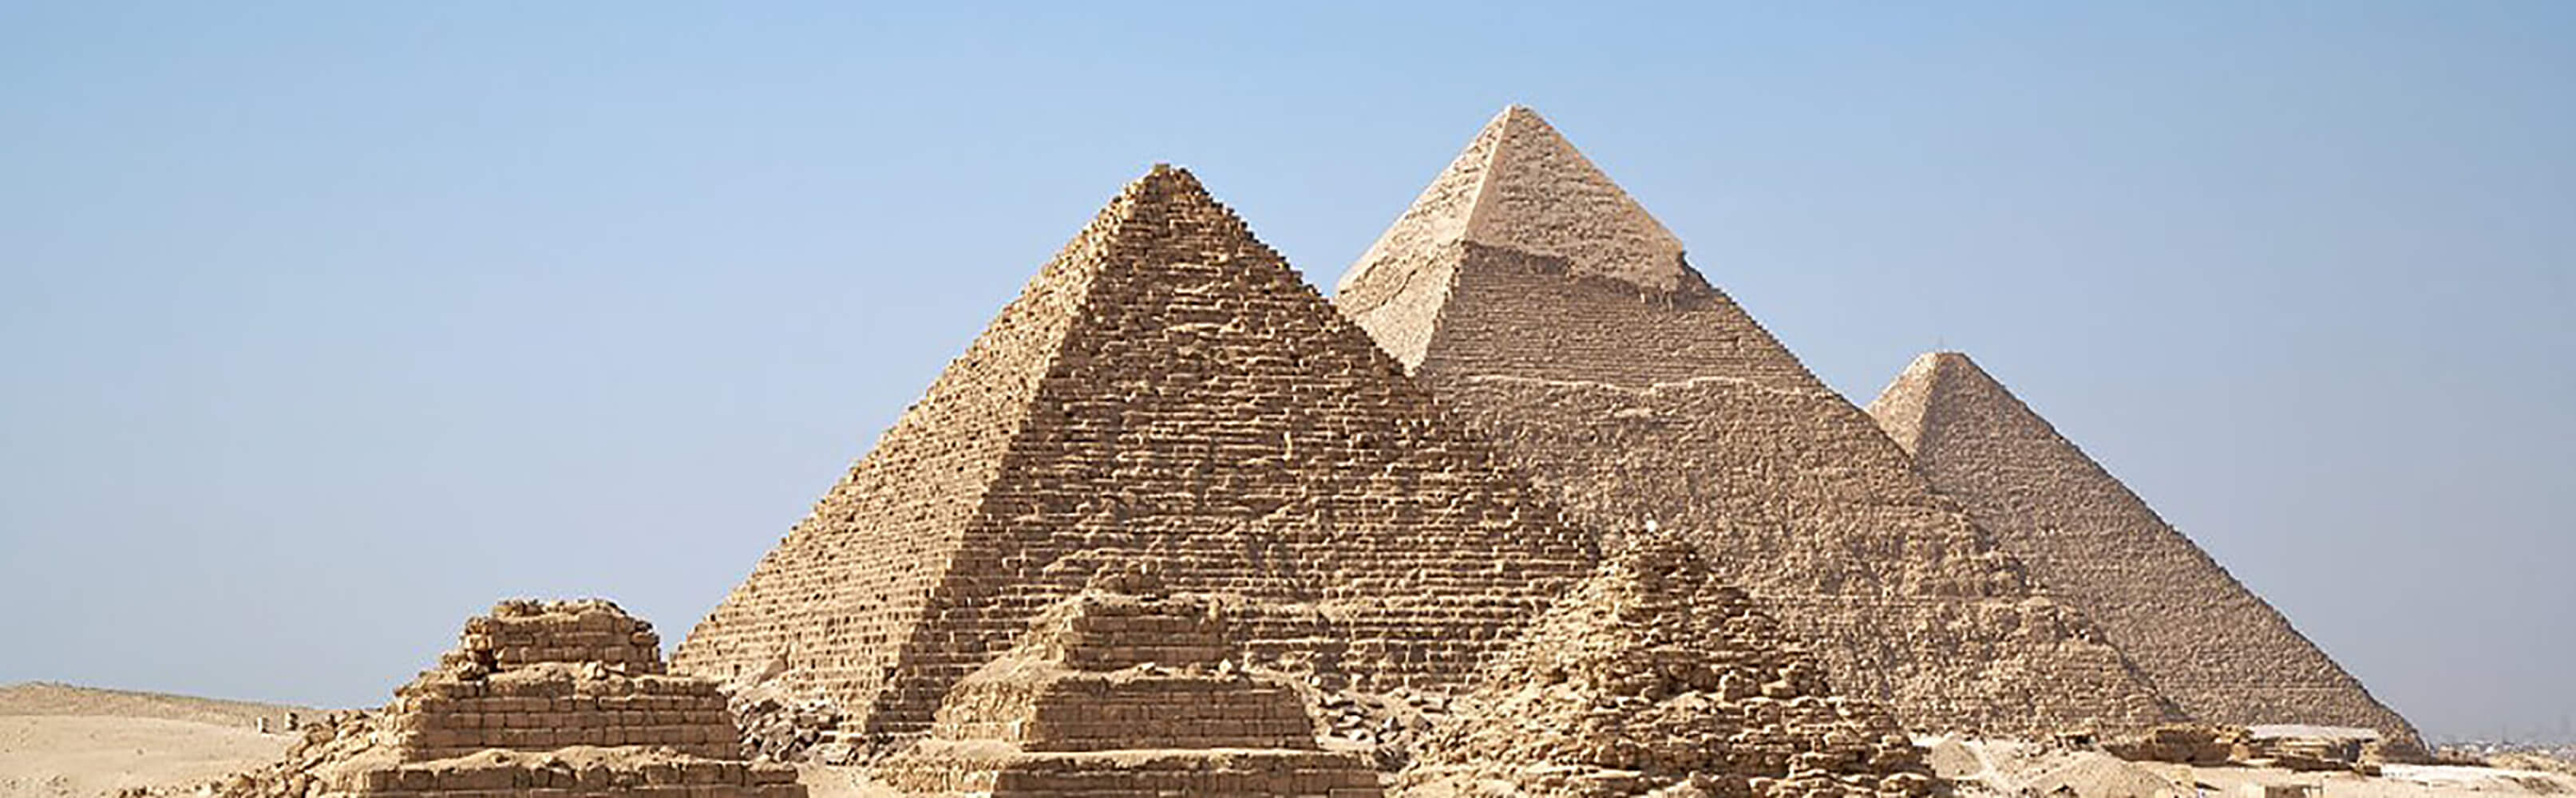 Pyramiden von Gizeh 1